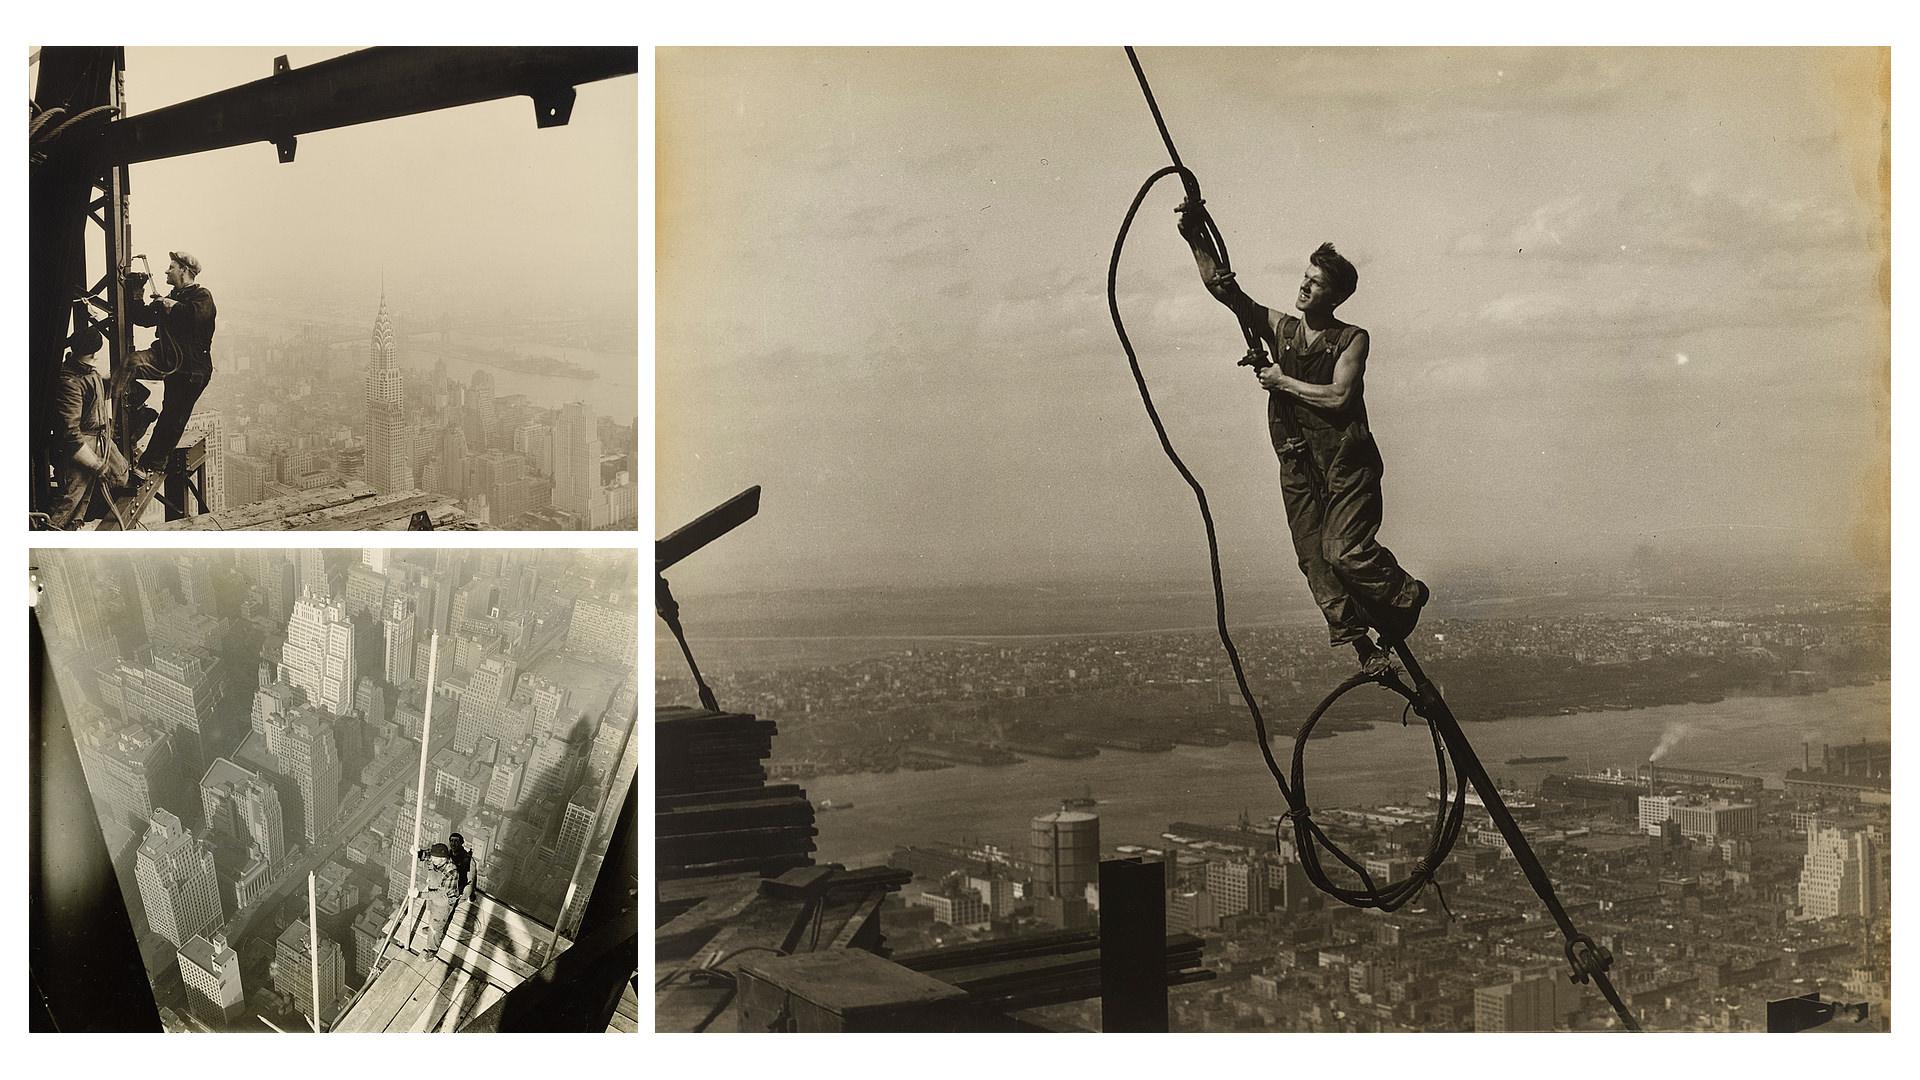 Lewis W Hines - Empire State Building - Historia de la Fotografía - José Álvarez Fotografía